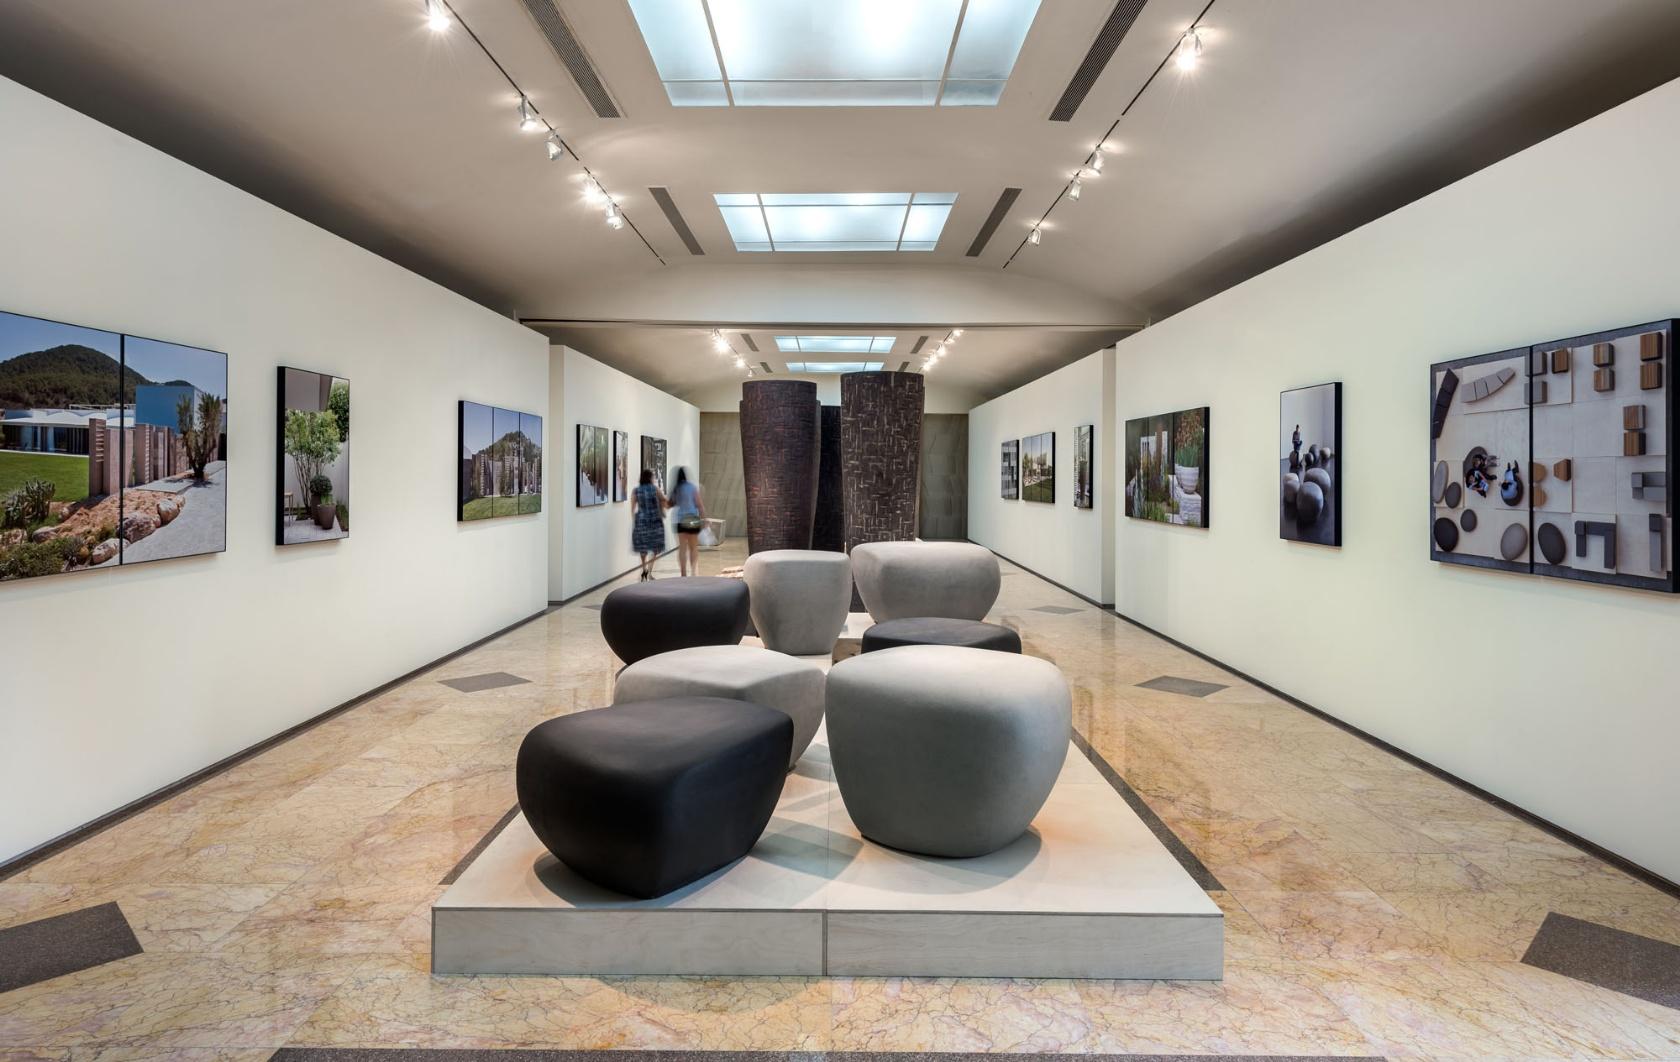 Club21 Gallery Singapore